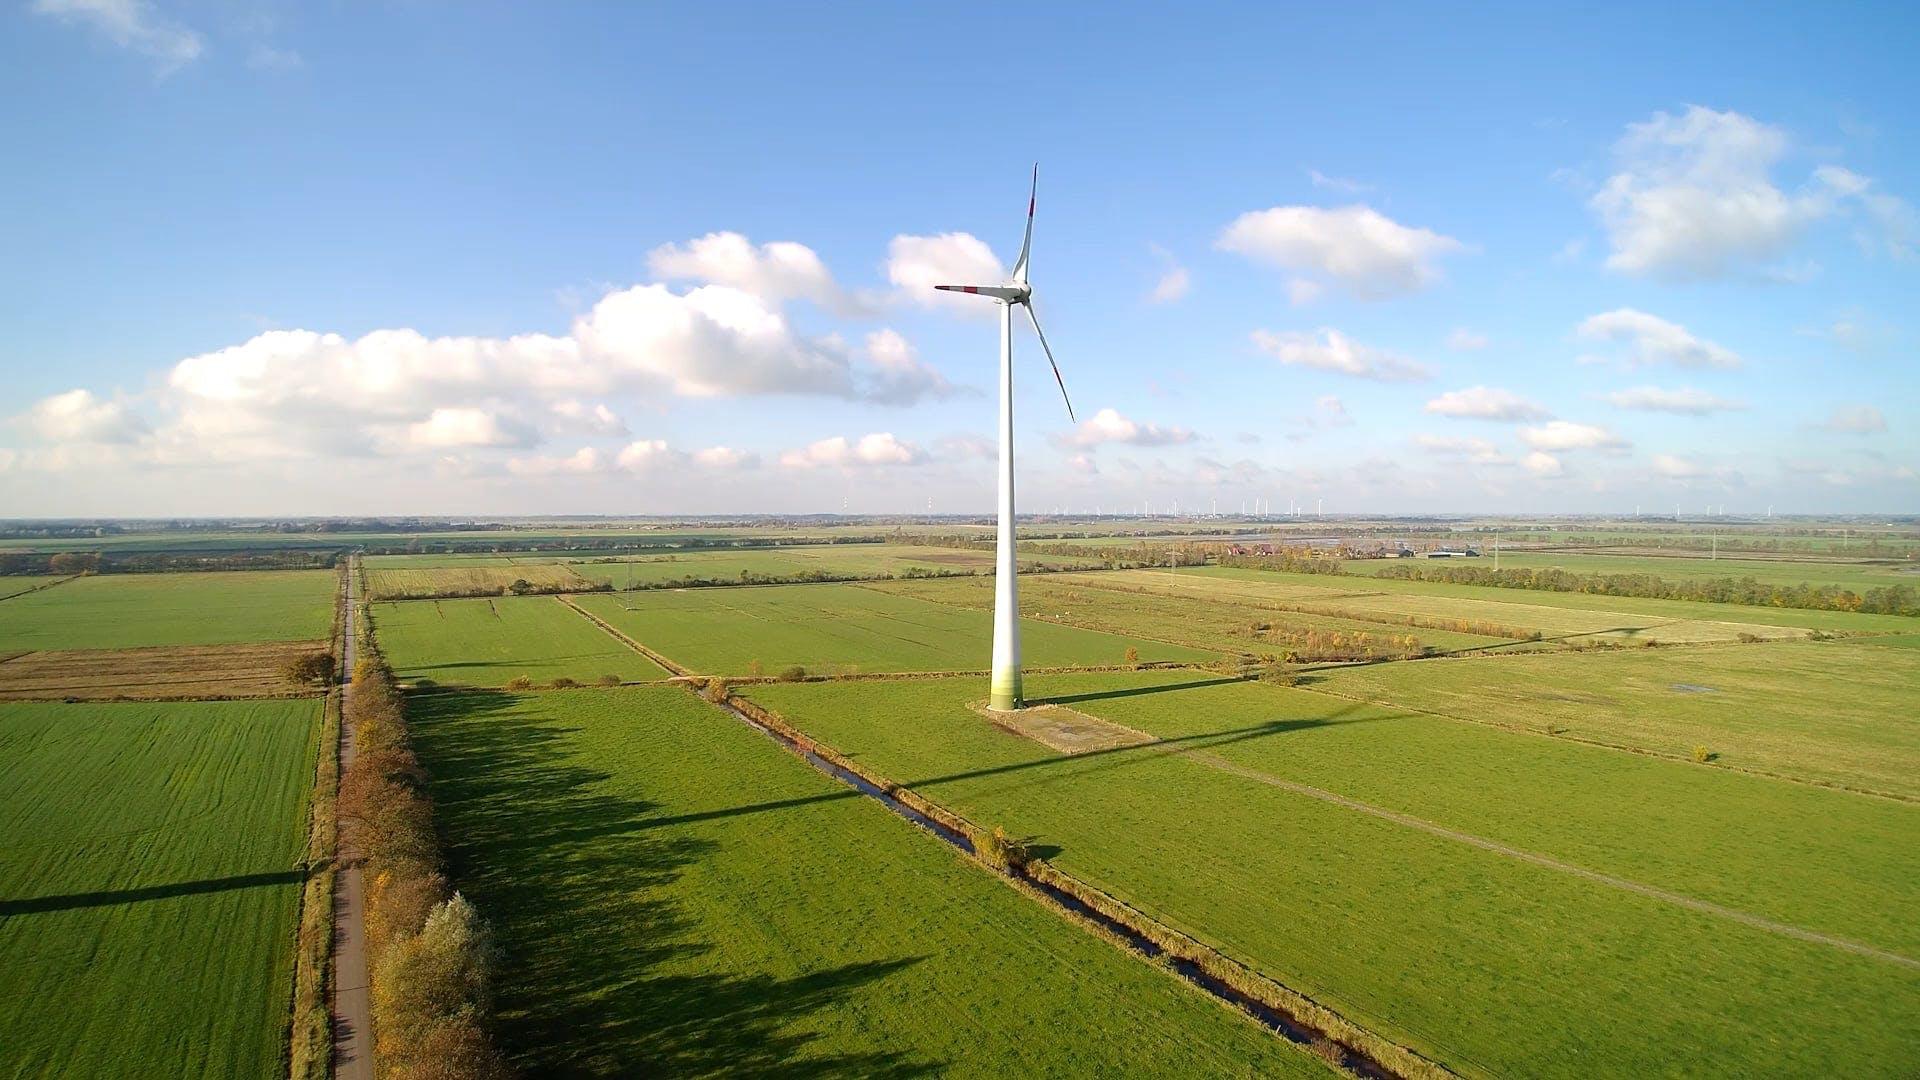 Wind Turbine On Field